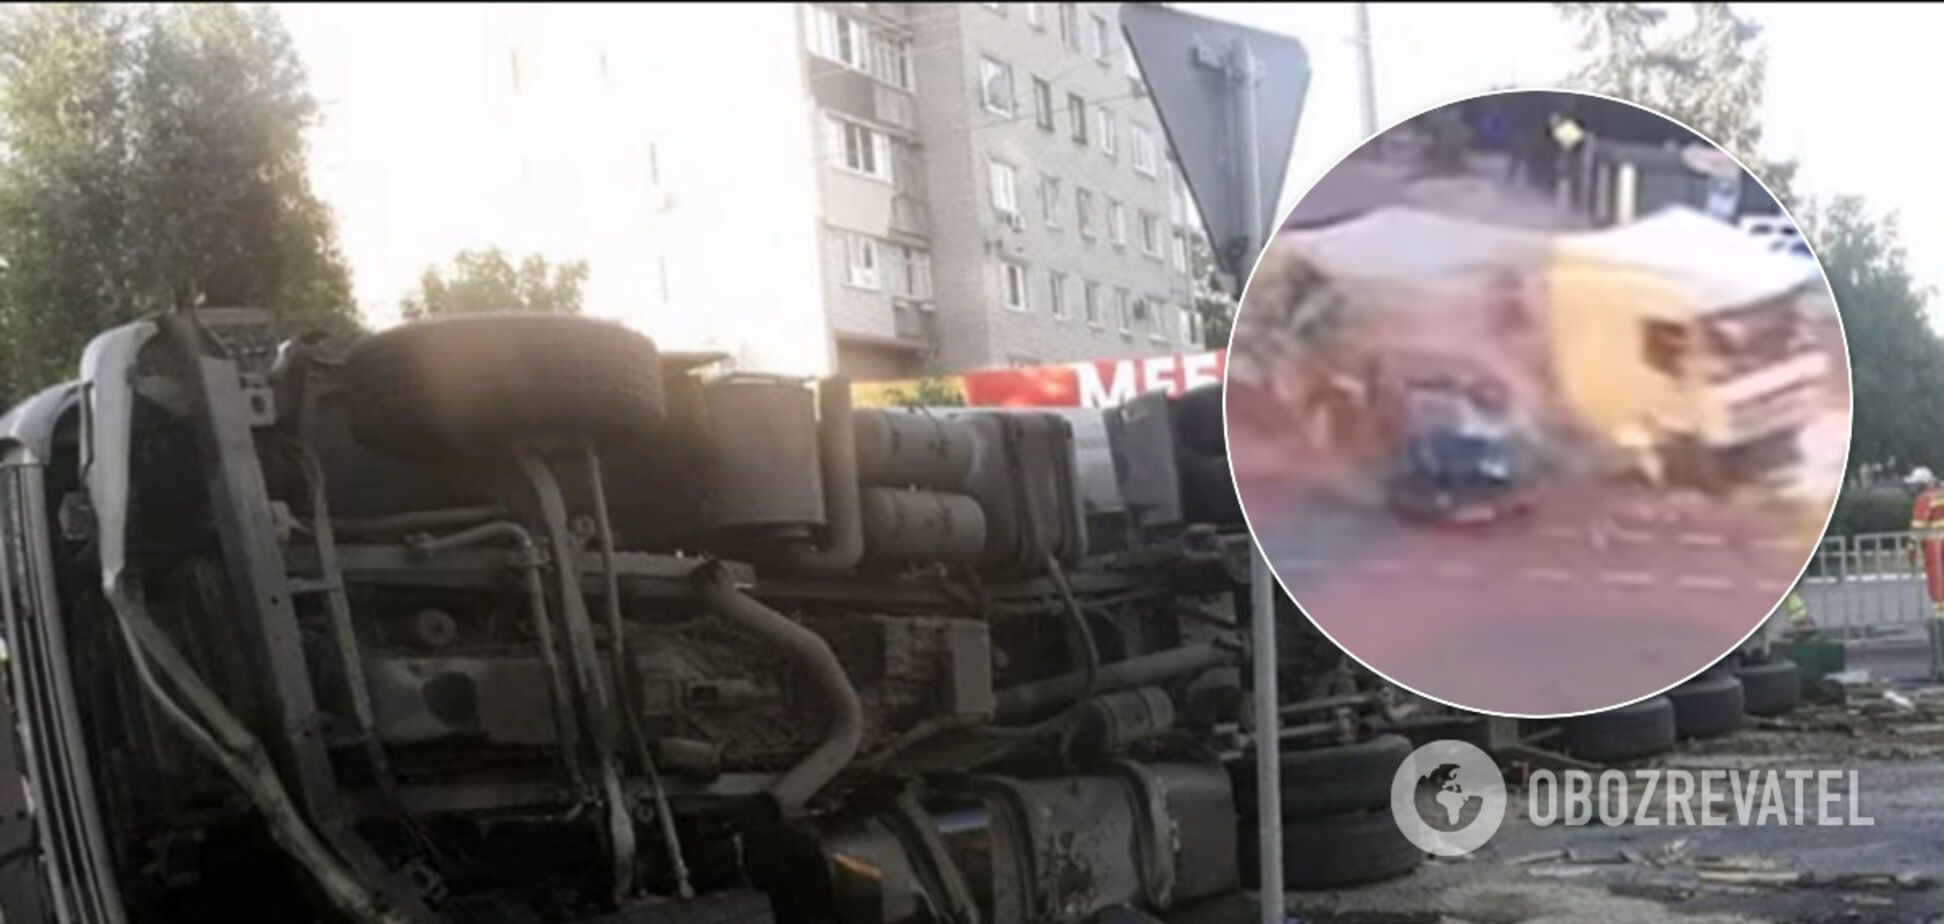 Момент смертельного ДТП с грузовиком в Днепре попал на видео